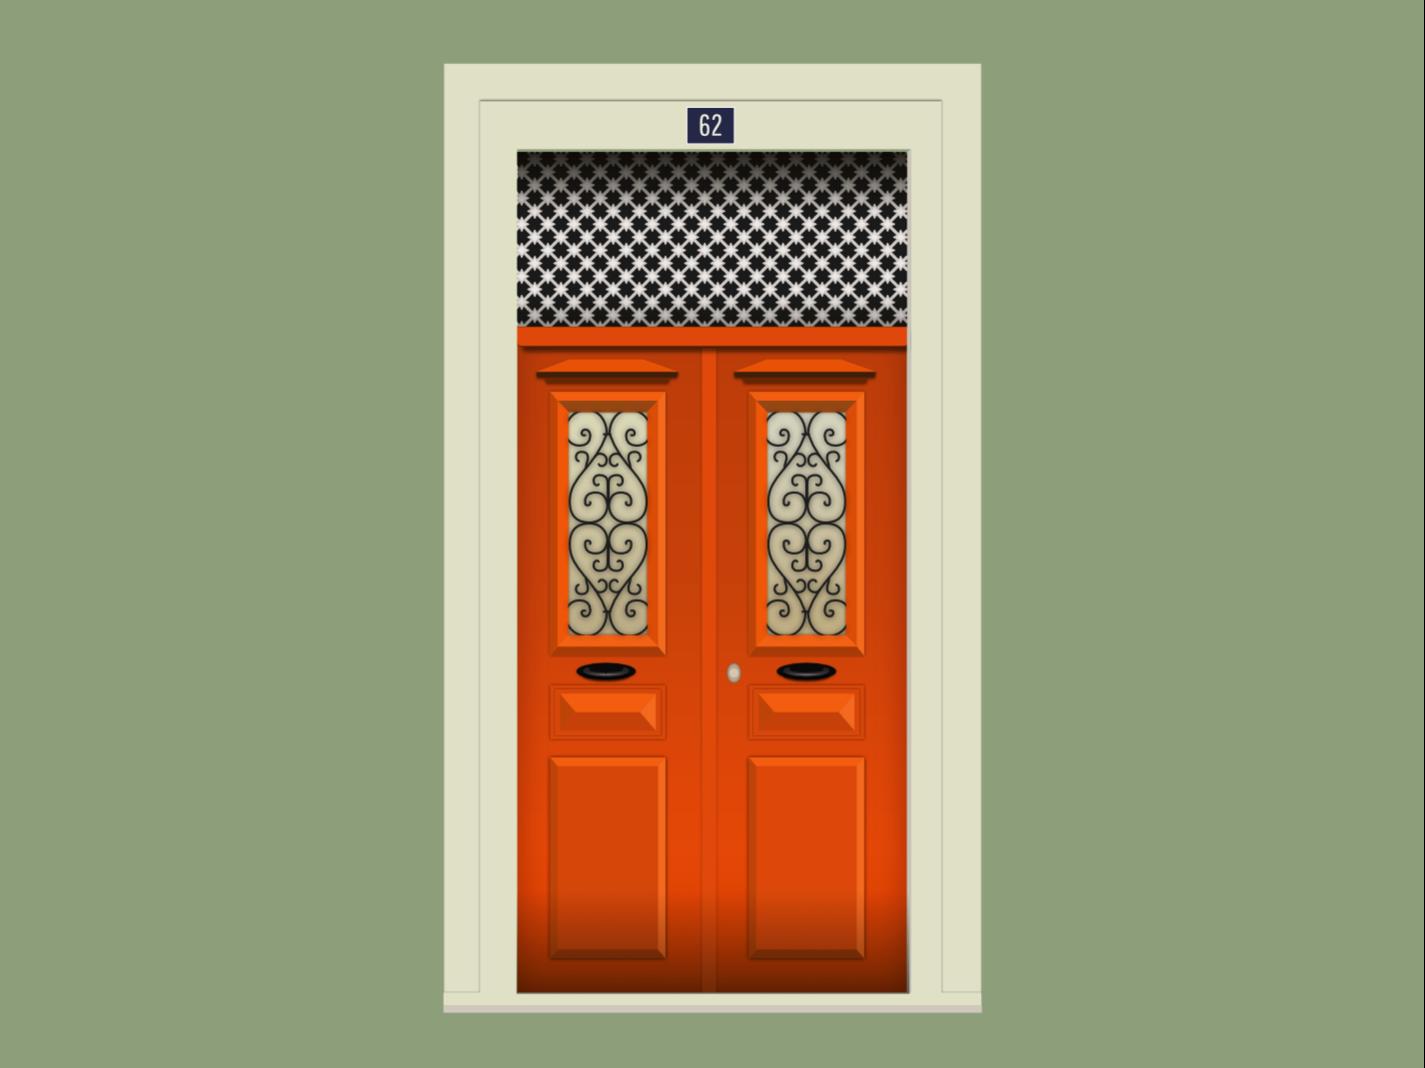 Door nº 28 - 62 portugal 2d flat doors vector design illustration door affinity